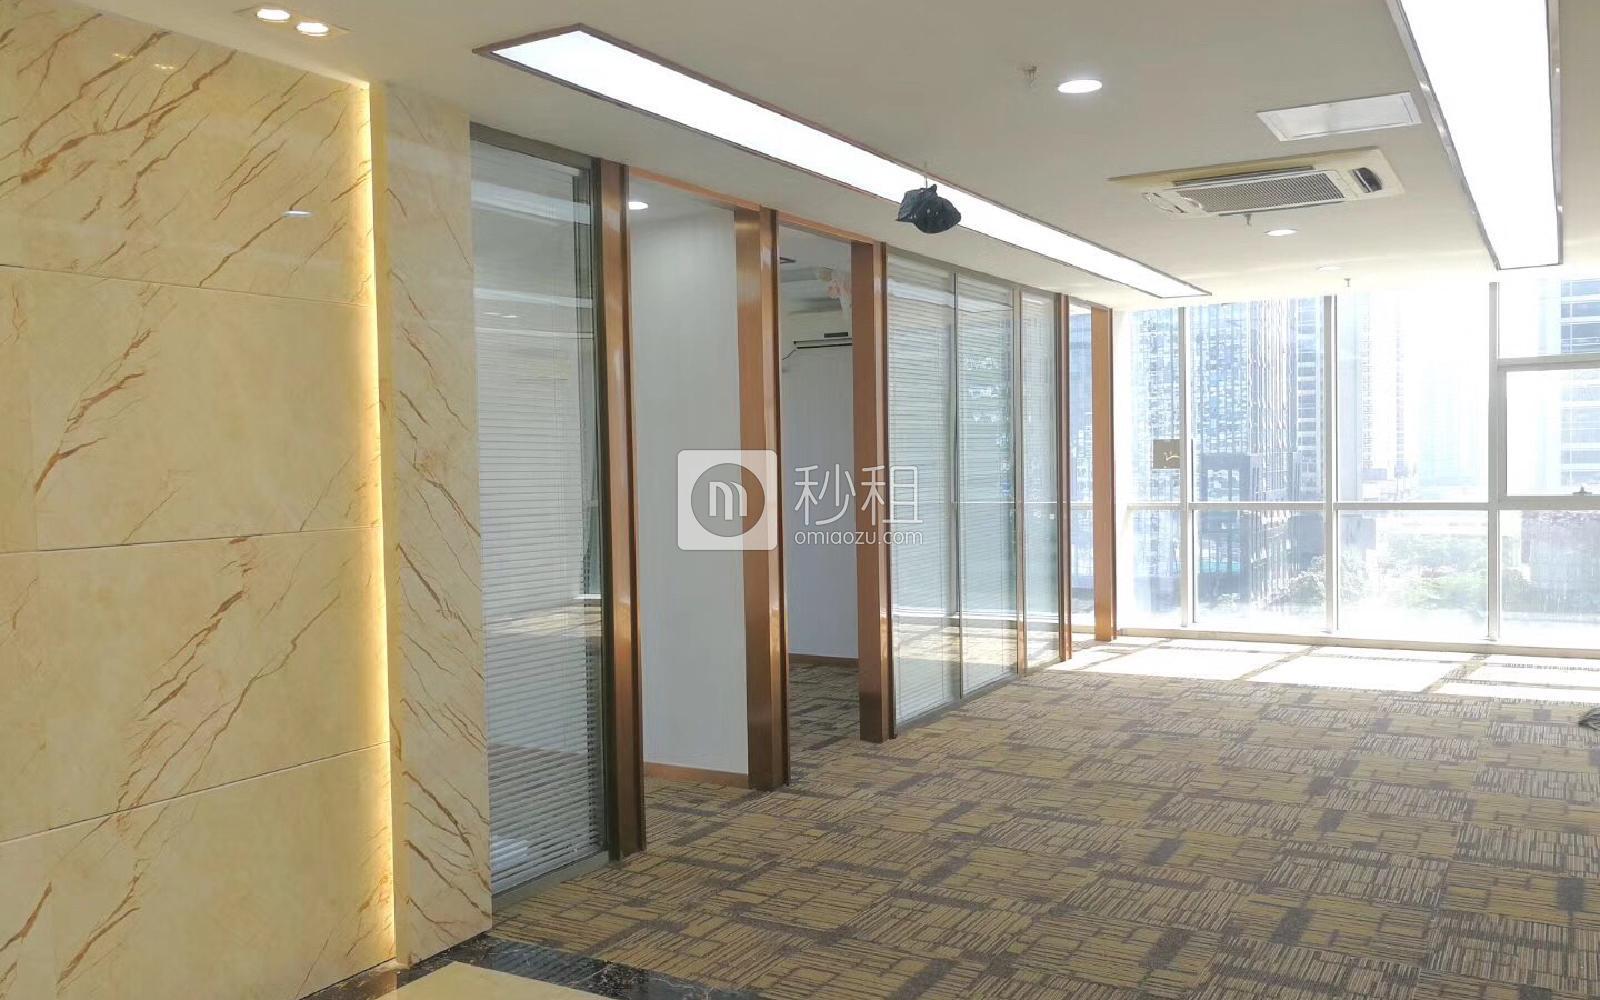 南山-科技园 凤凰城大厦 172m²